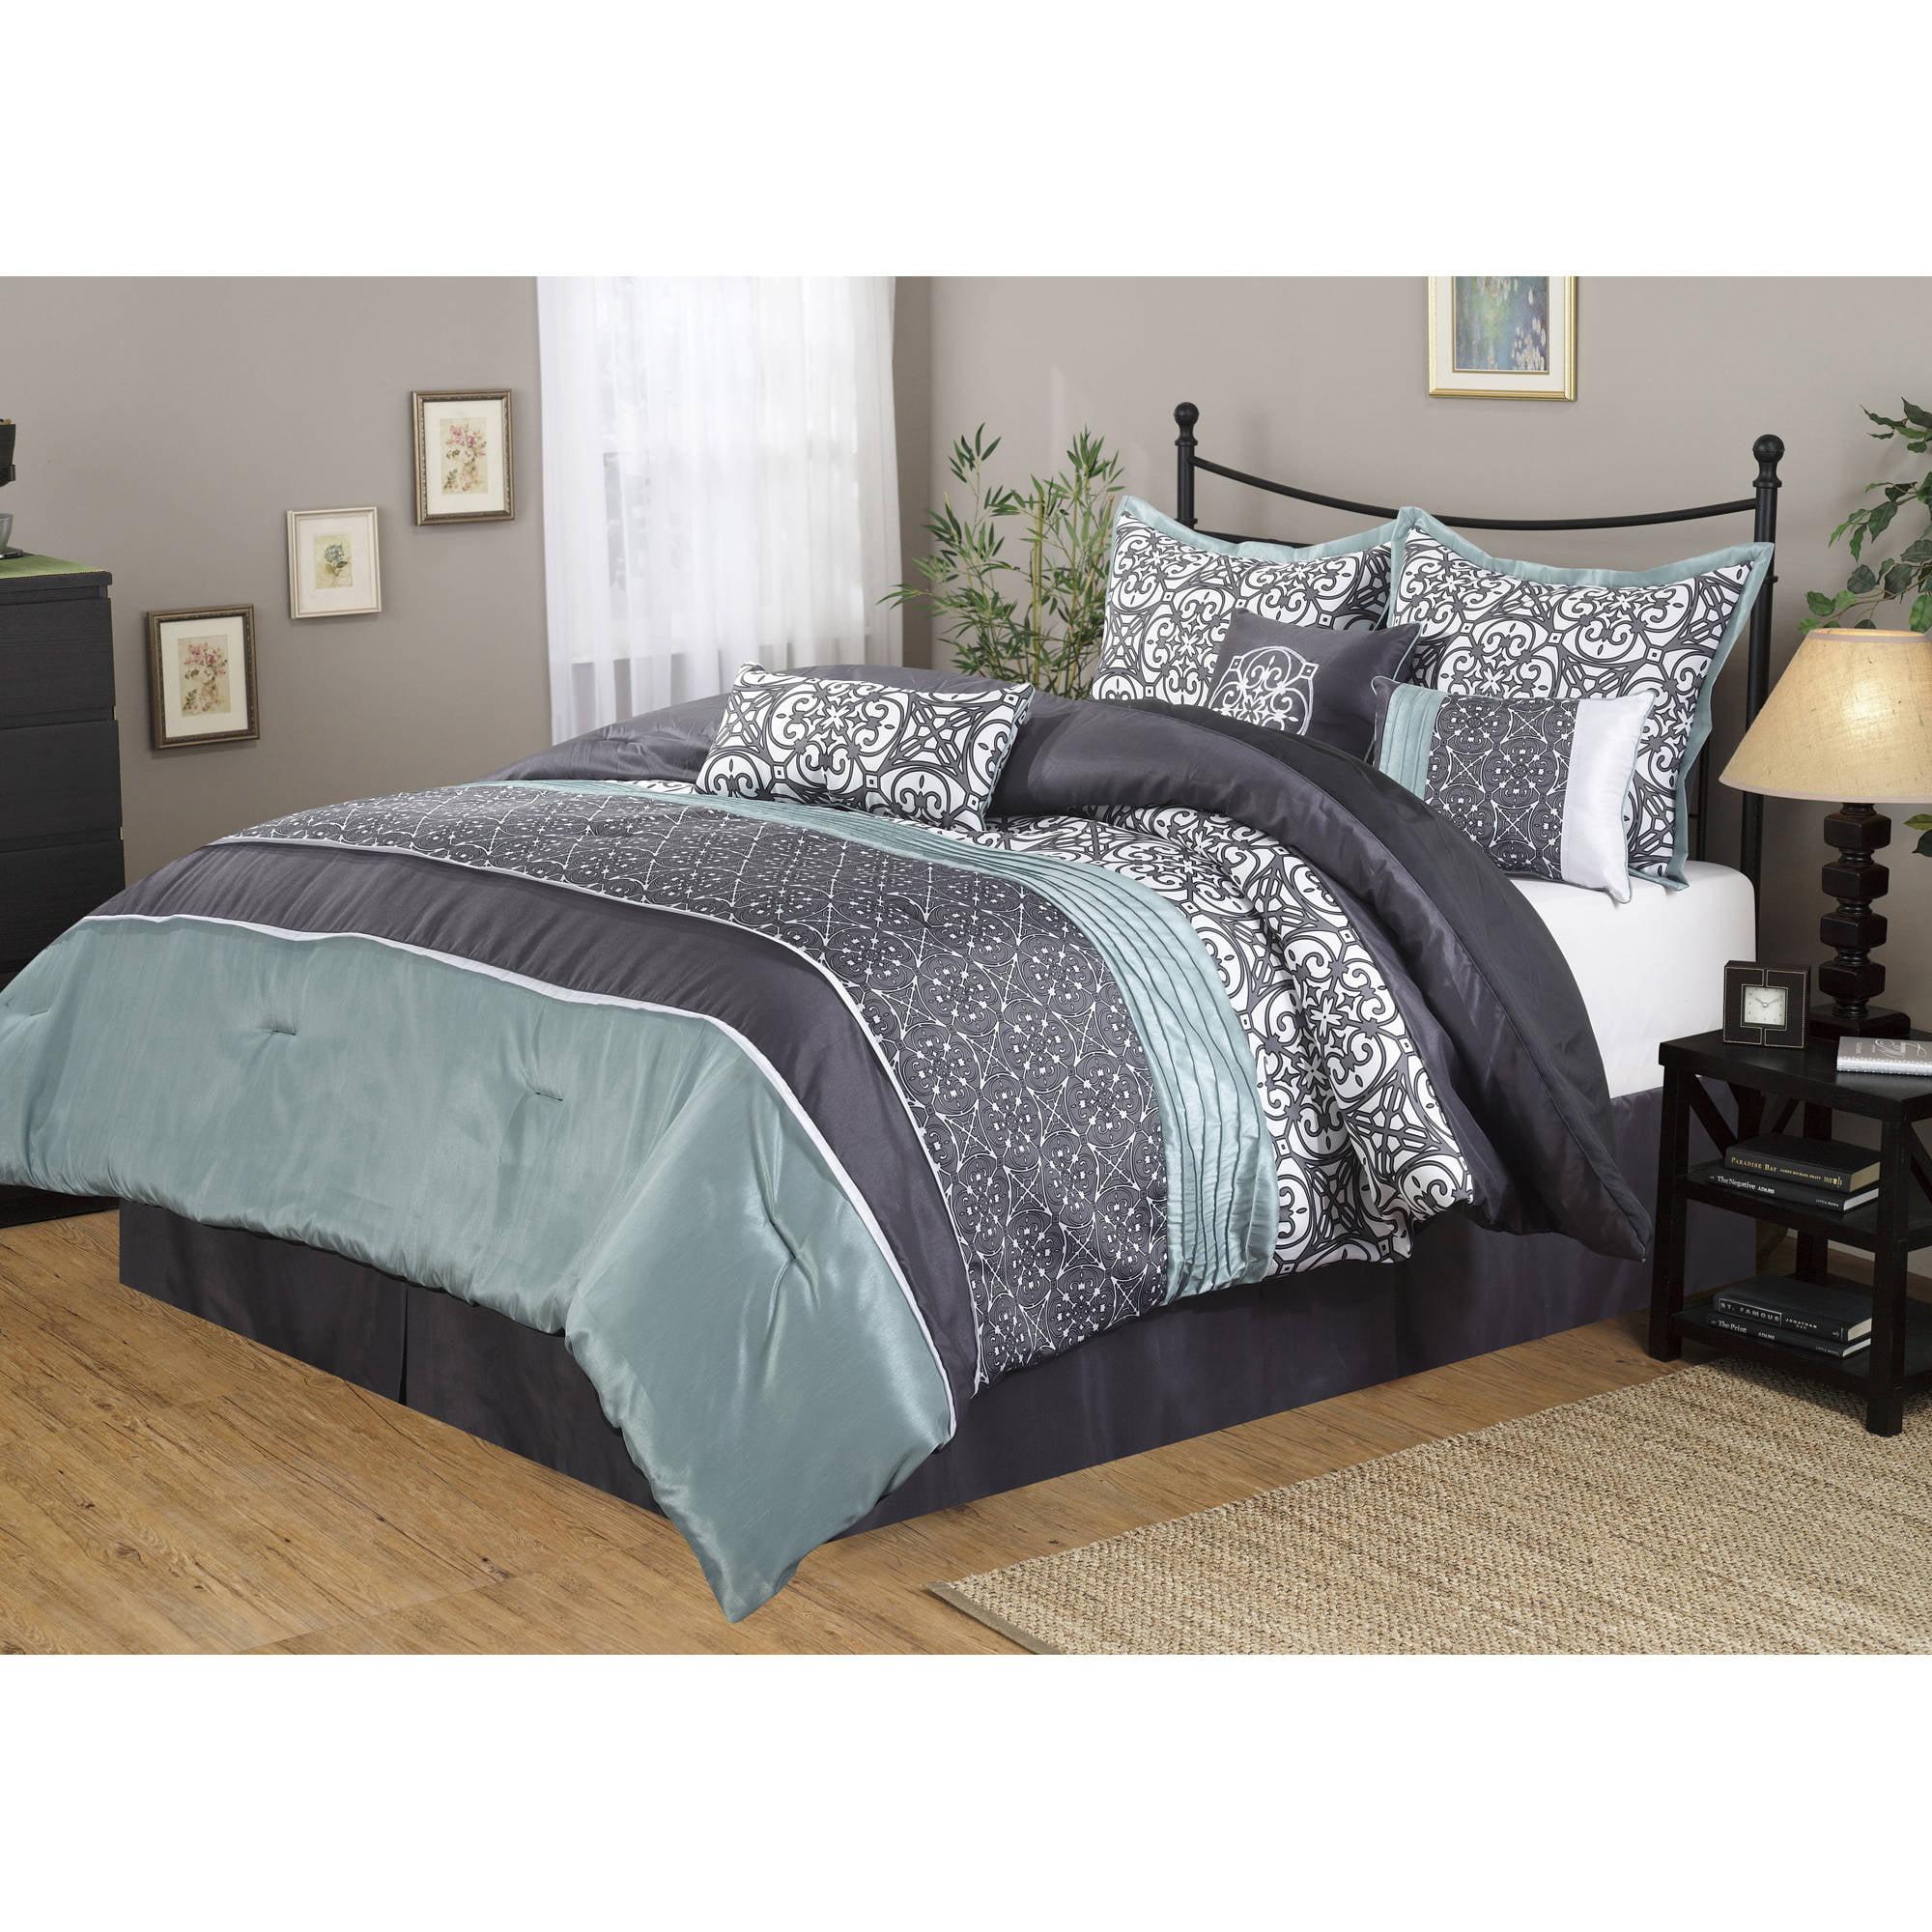 Nanshing Roxanne 7-Piece Bedding Comforter Set